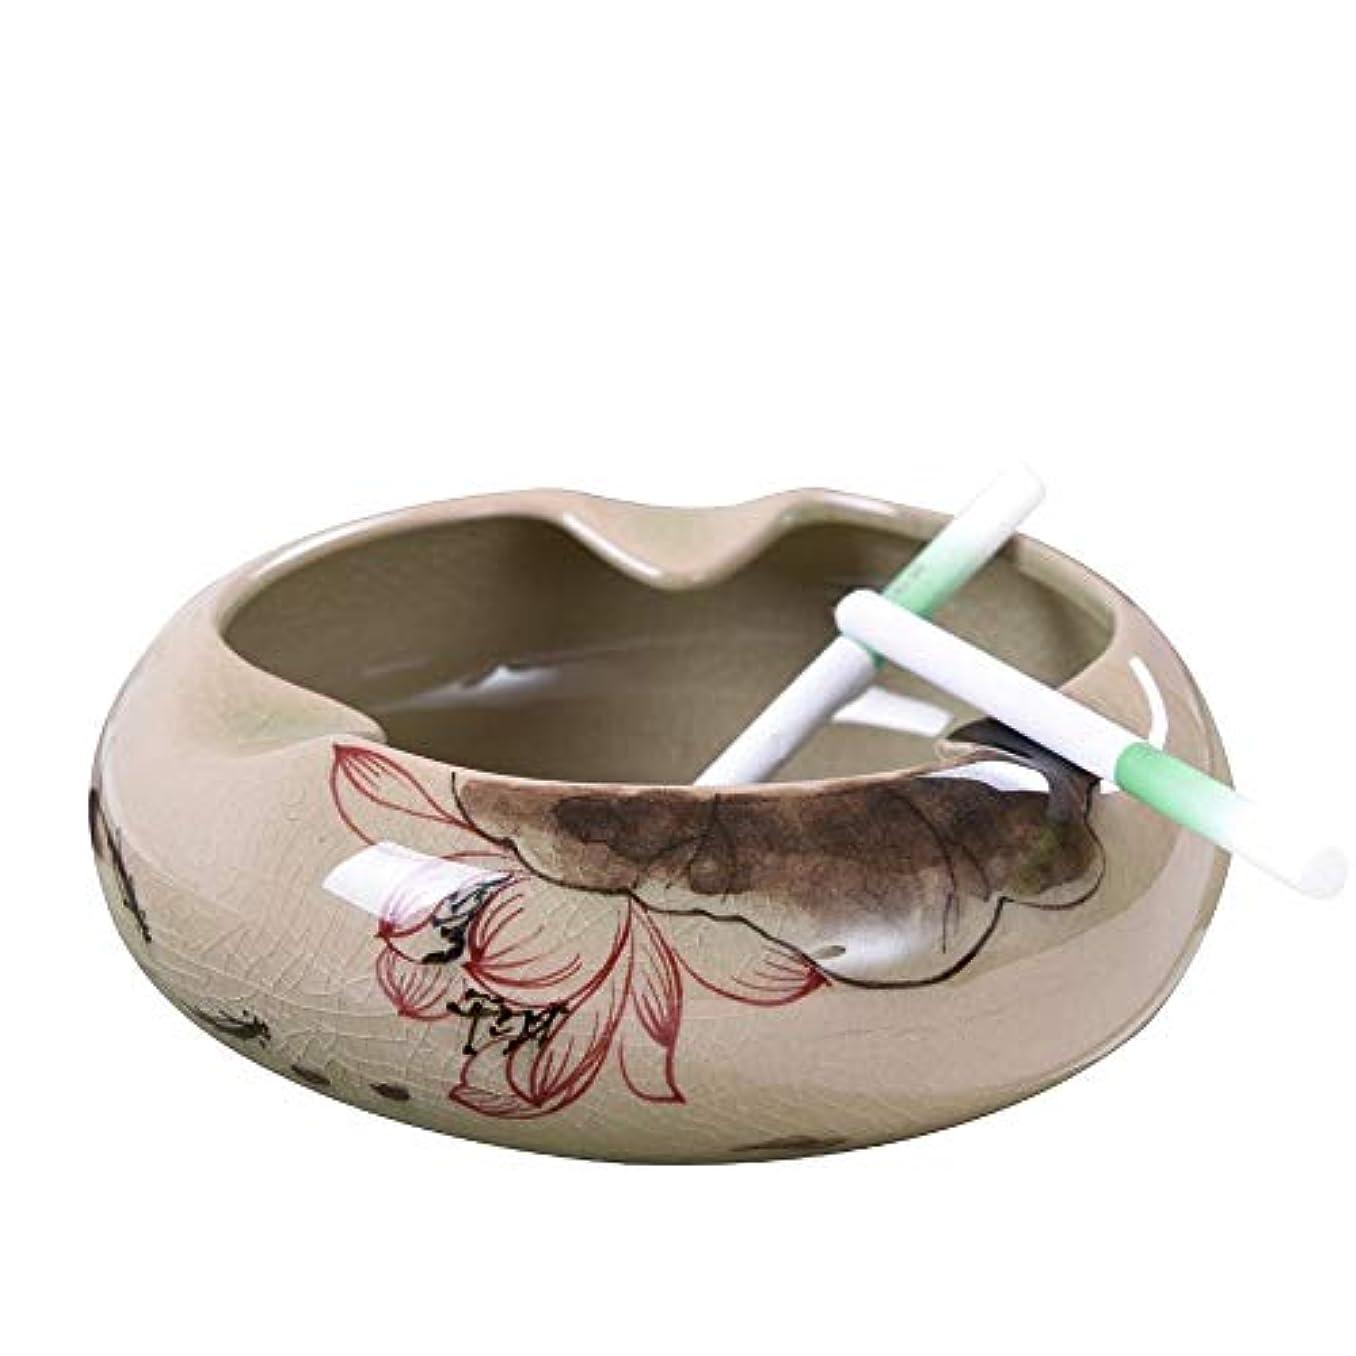 パン屋証拠衰えるセラミック灰皿中国のレトロな手描きの創造的な人格の傾向中国風のリビングルームのコーヒーテーブルホームふた付き灰皿